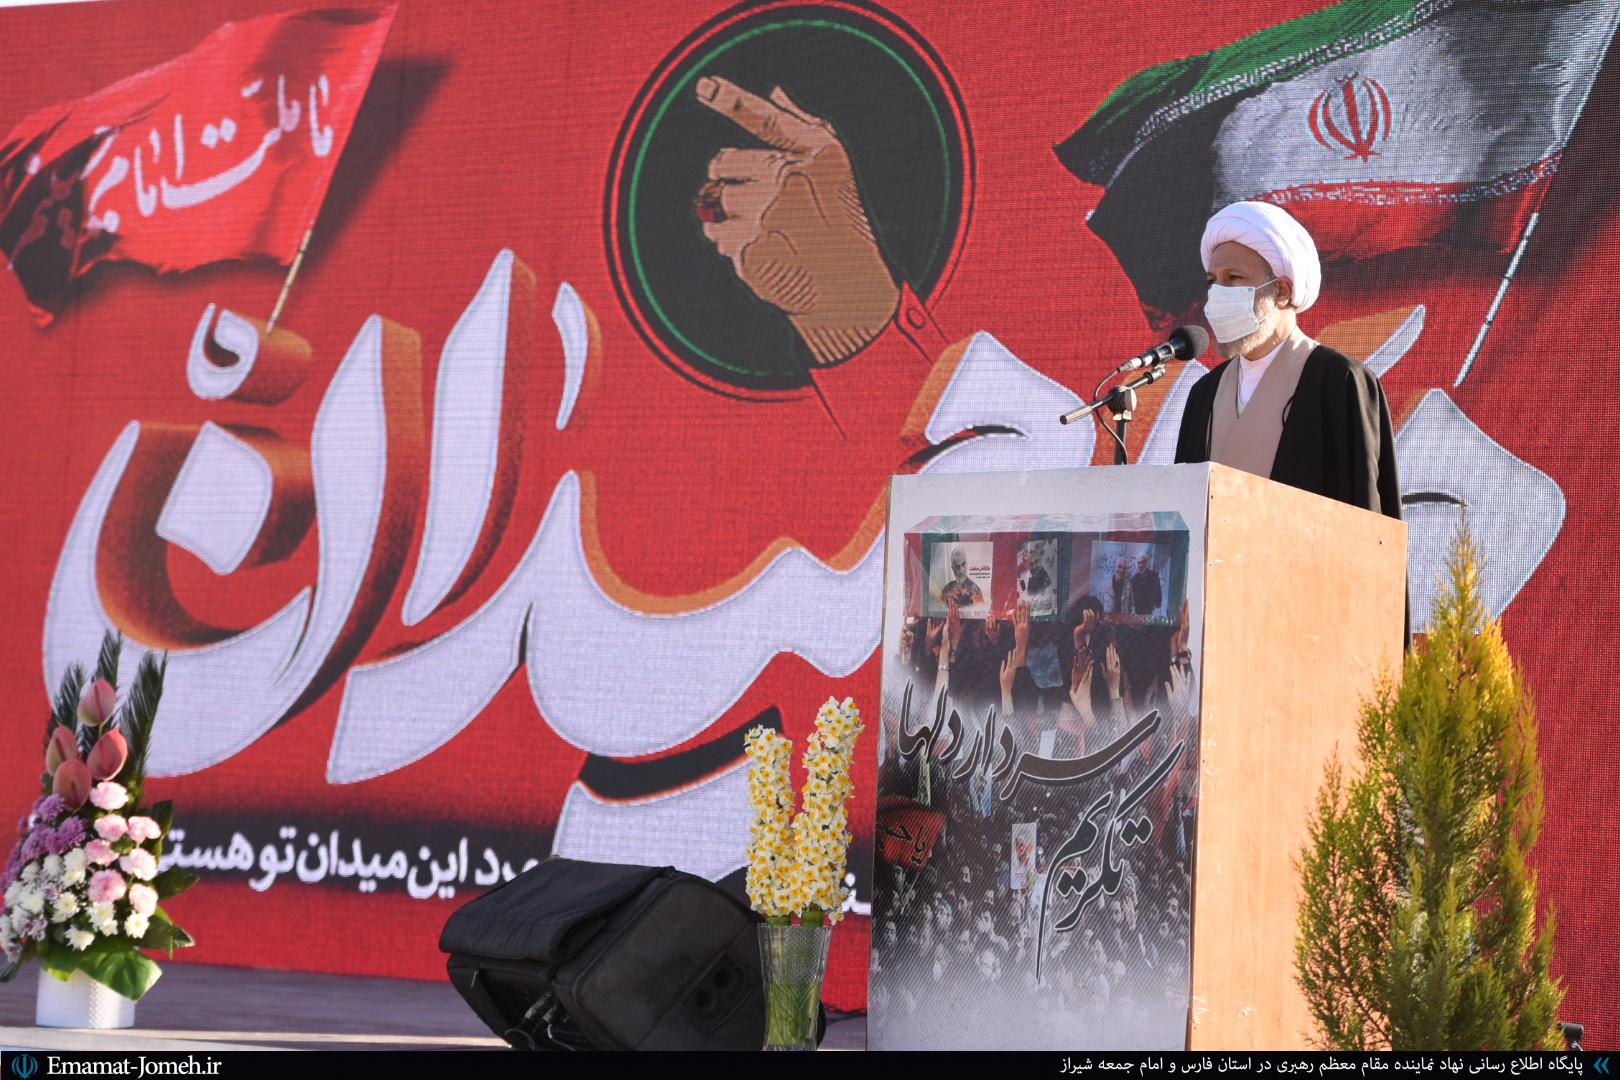 برگزاری یادواره شهدای دستهای آسمانی در شیراز